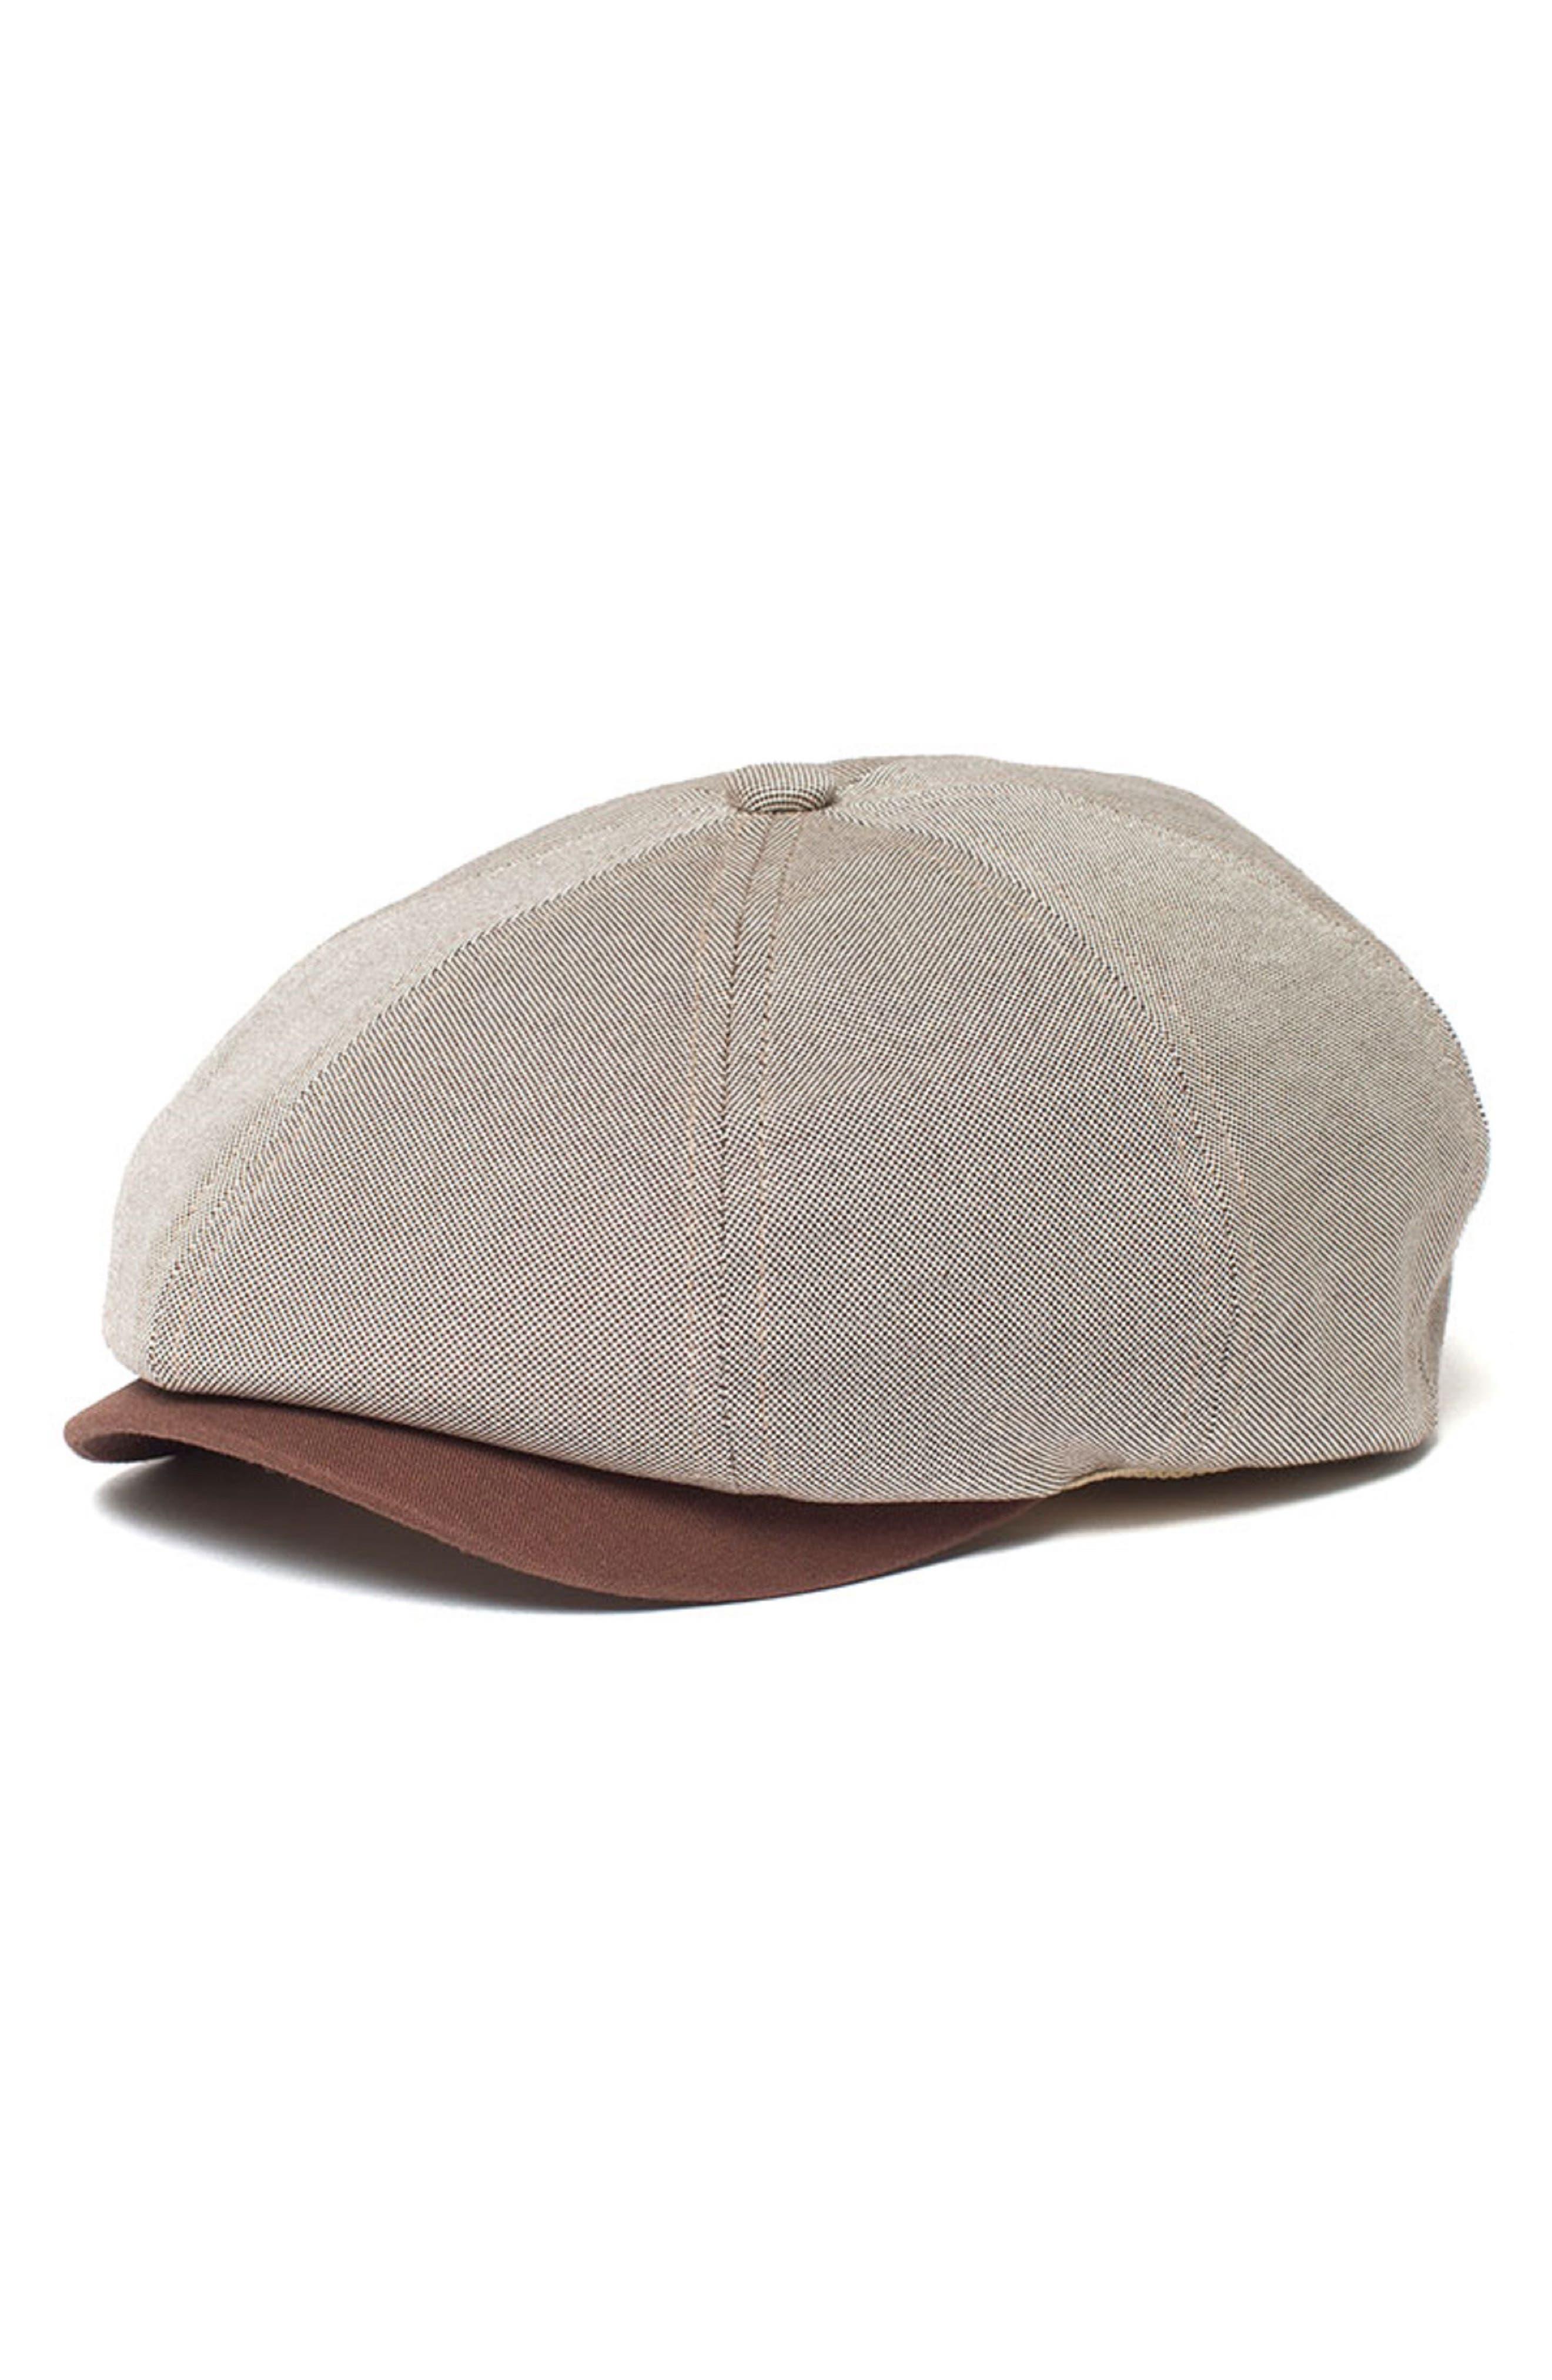 Dapper Sr. Driving Cap,                         Main,                         color, Brown